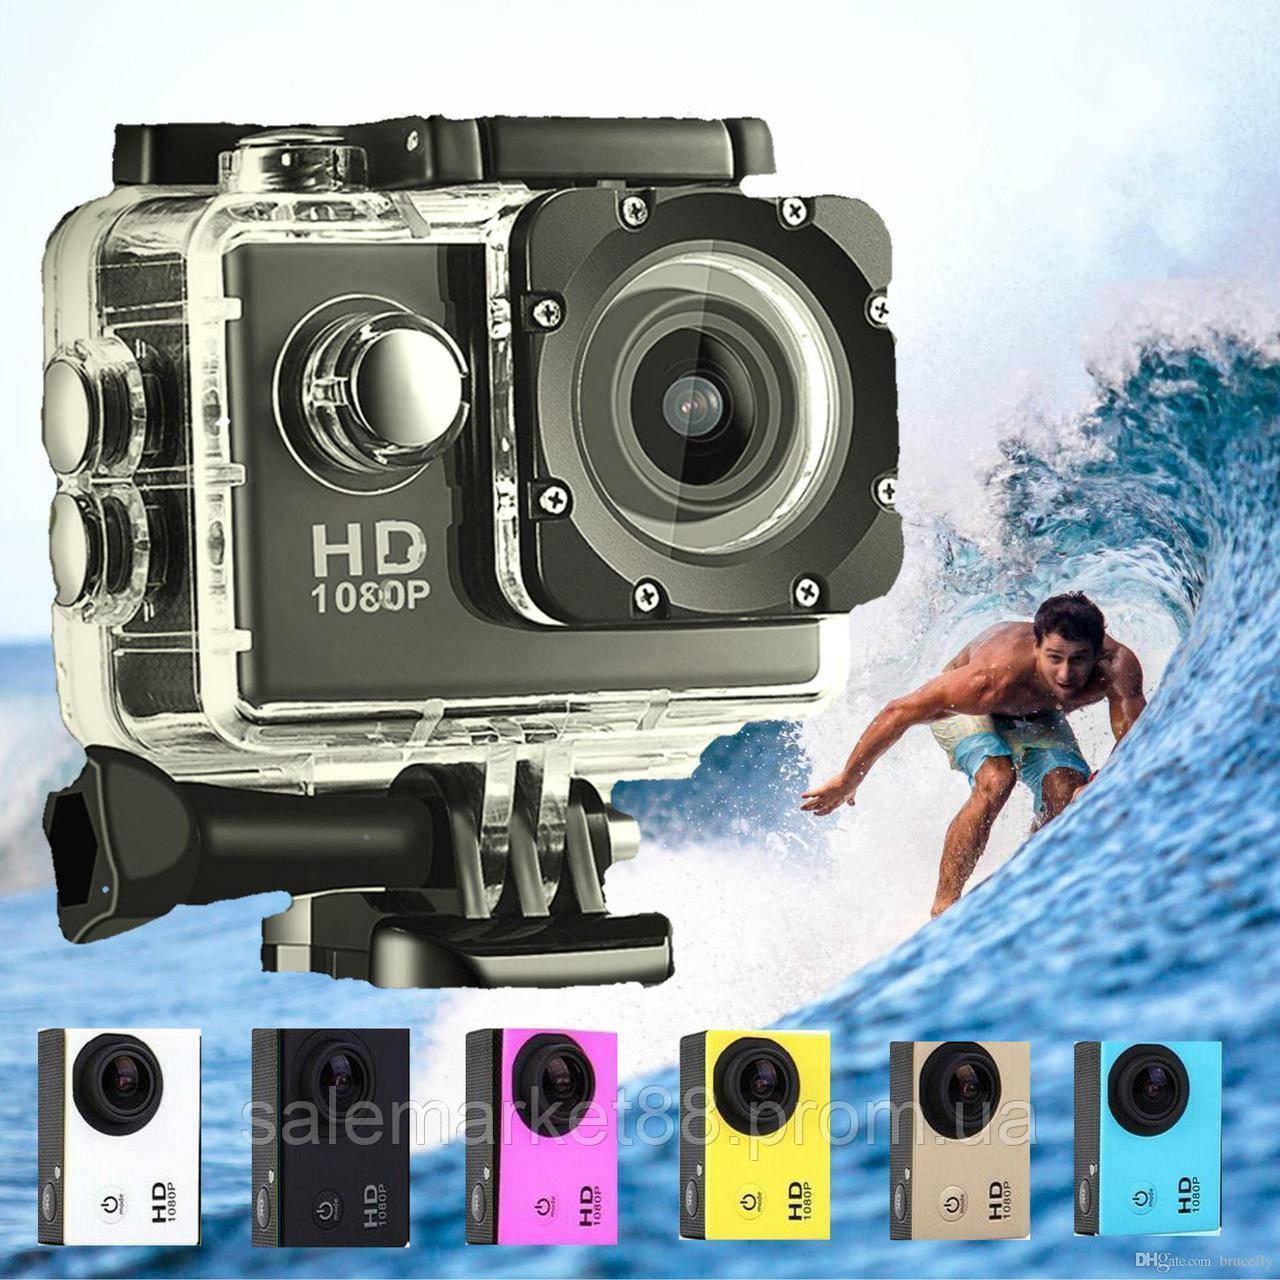 Спортивная экшн-камера A7 Sports  Full HD 1080p, Чёрная